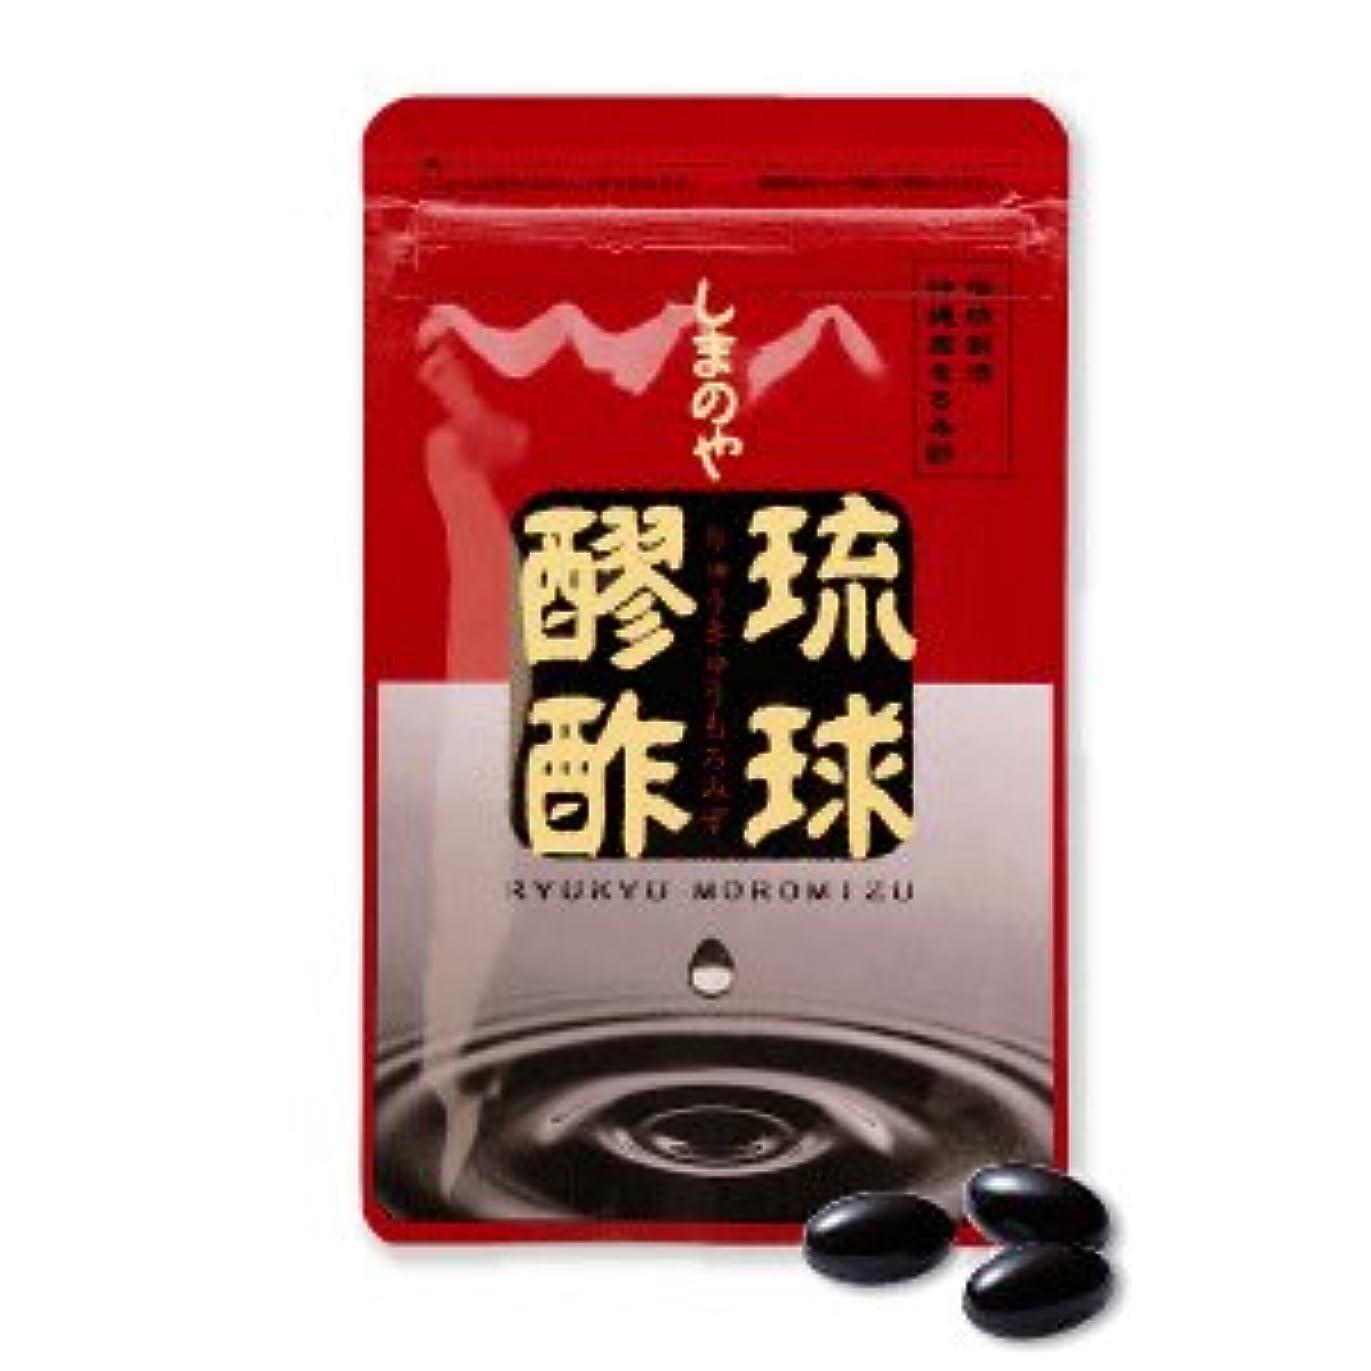 移行する正規化失効しまのや 琉球もろみ酢 93粒 クエン酸 アミノ酸たっぷり